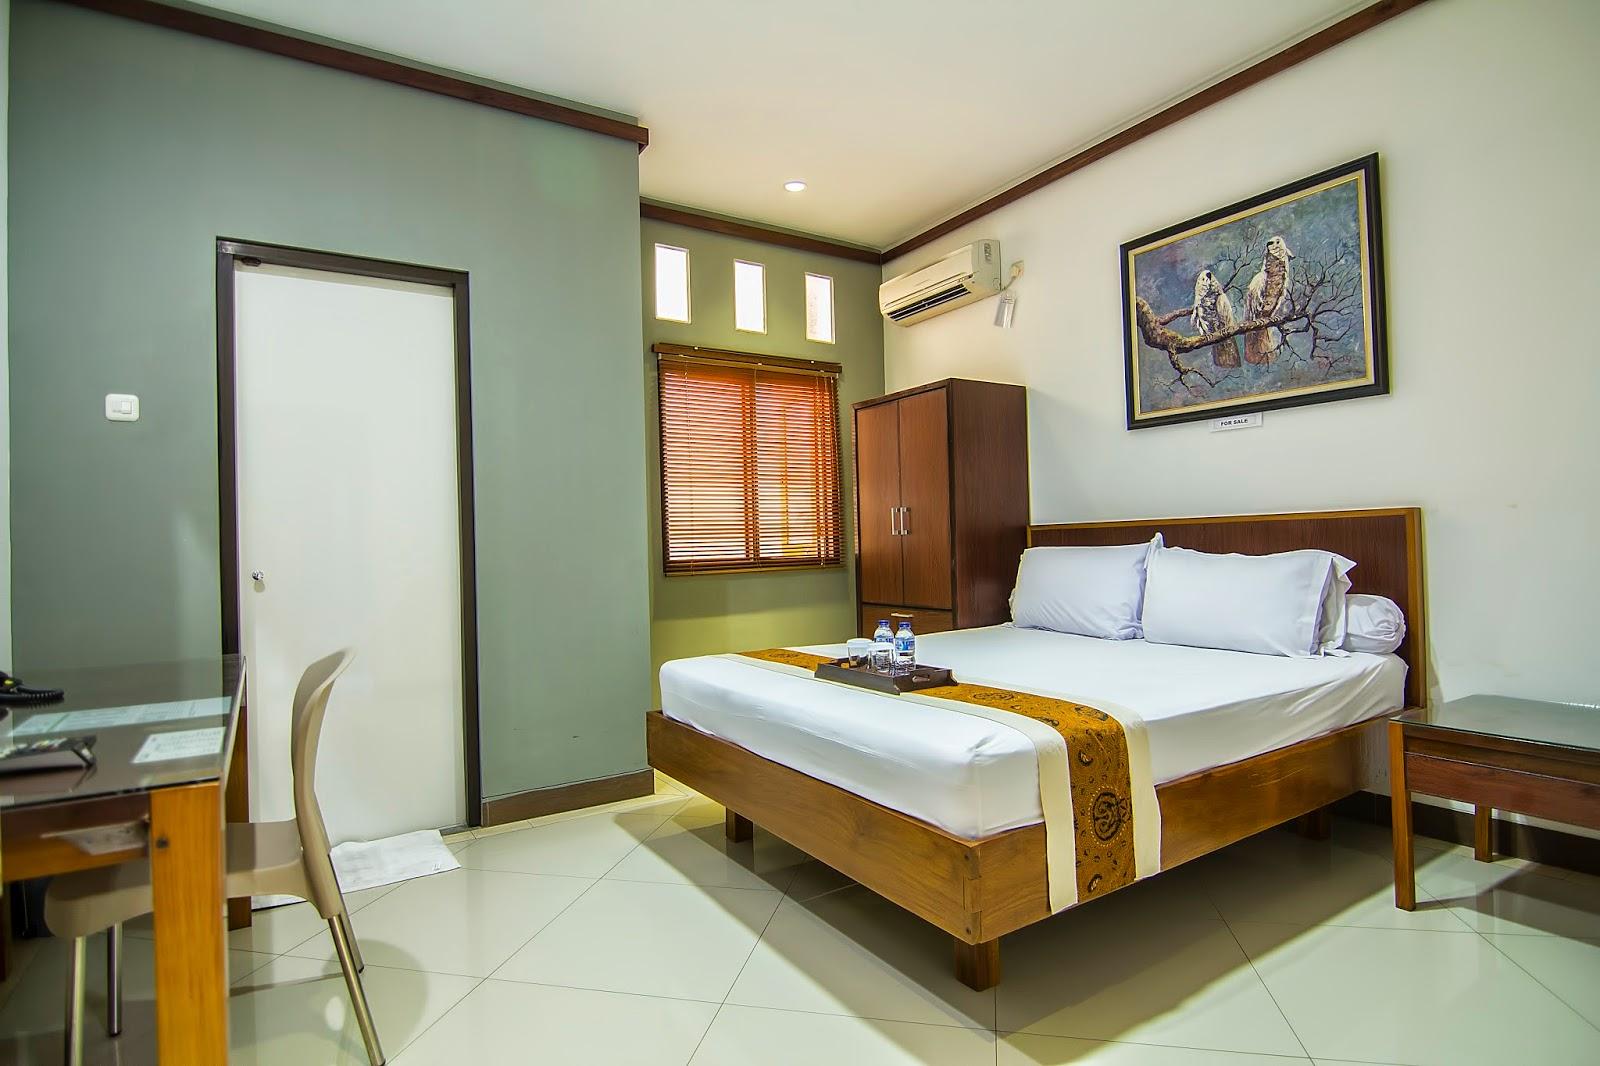 Salah Satu Standard Room Yang Dimiliki Oleh Homestay 106 Surabaya Luas Kamar Kurang Lebih 4m X Dengan Tempat Tidur Ukuran King Size